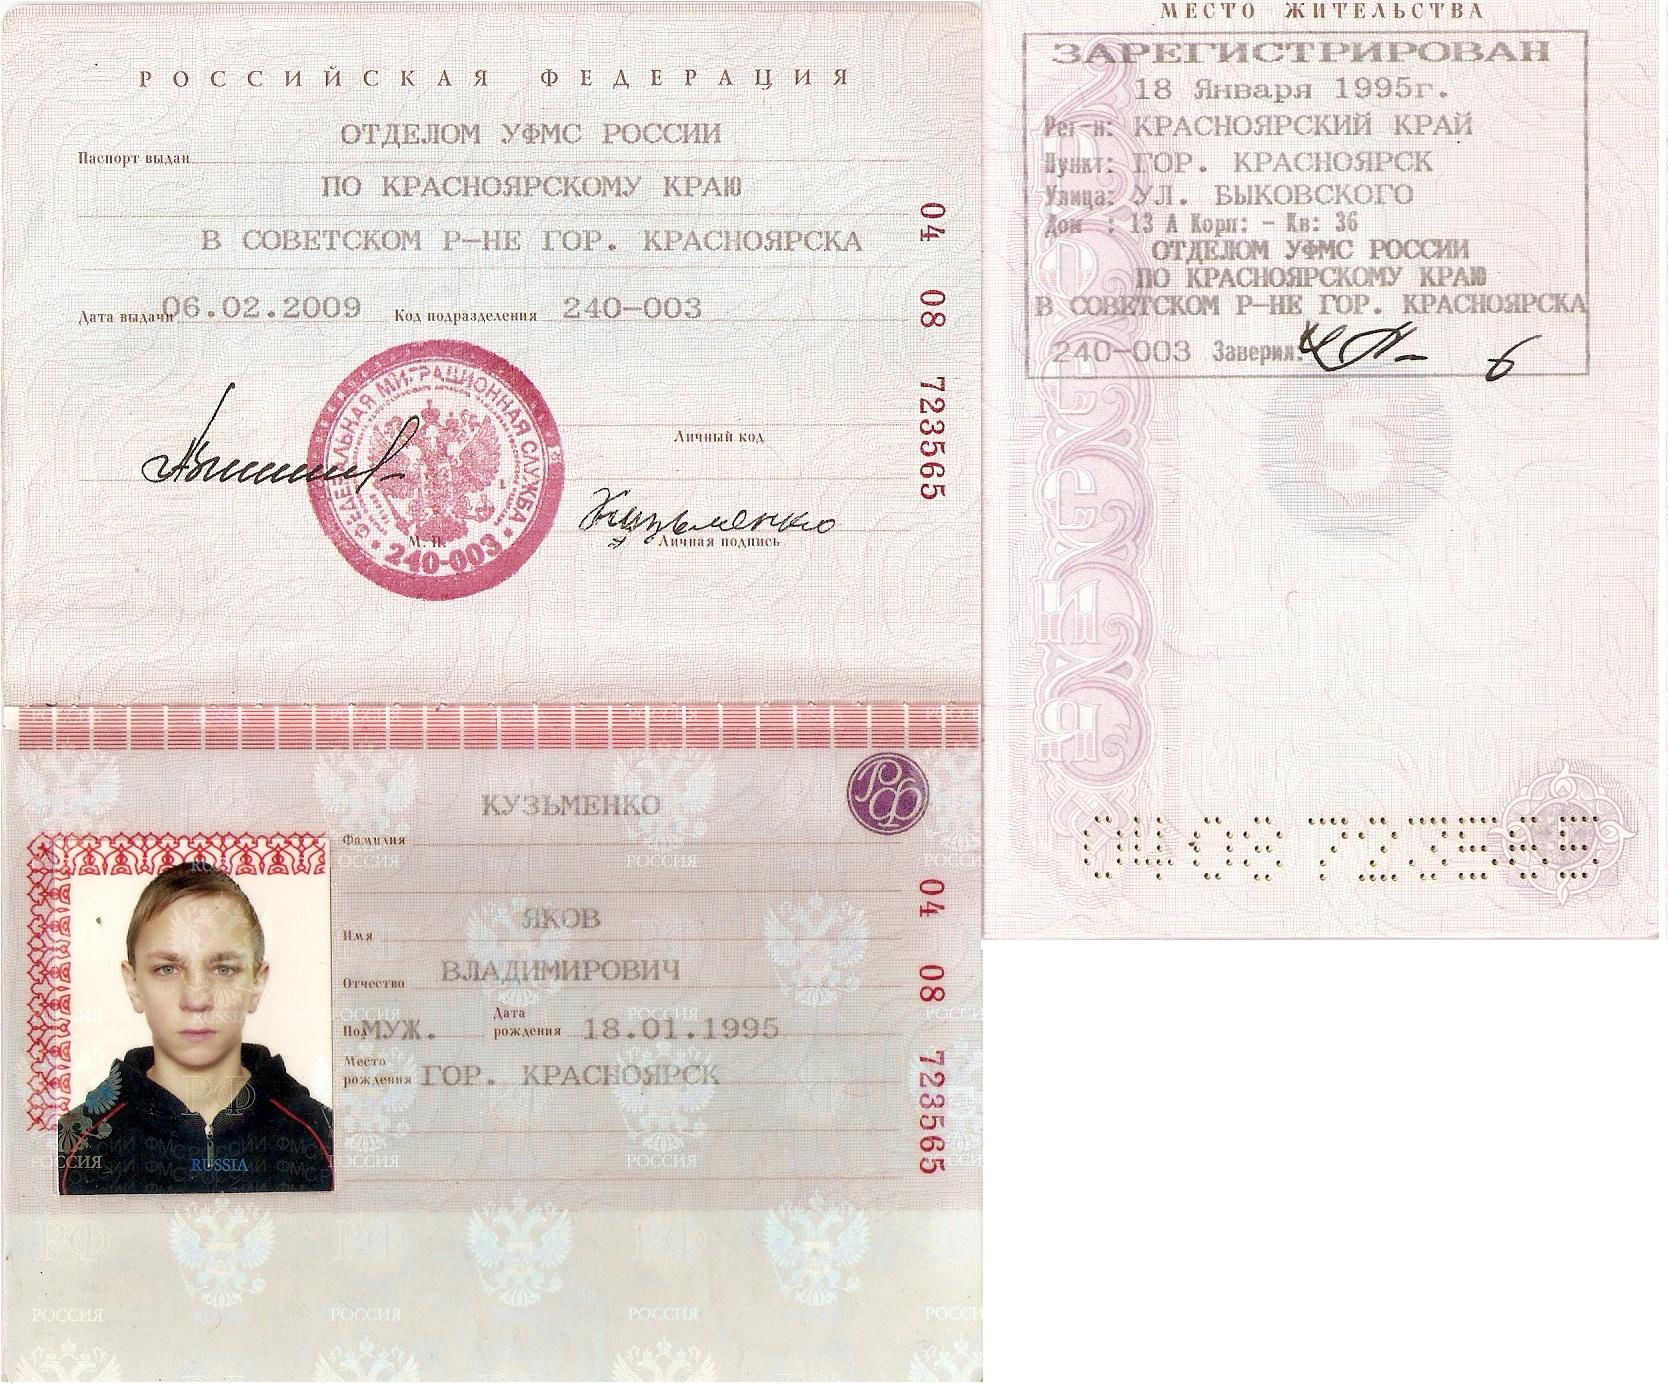 Как сделатьграфию на паспорт photoshop